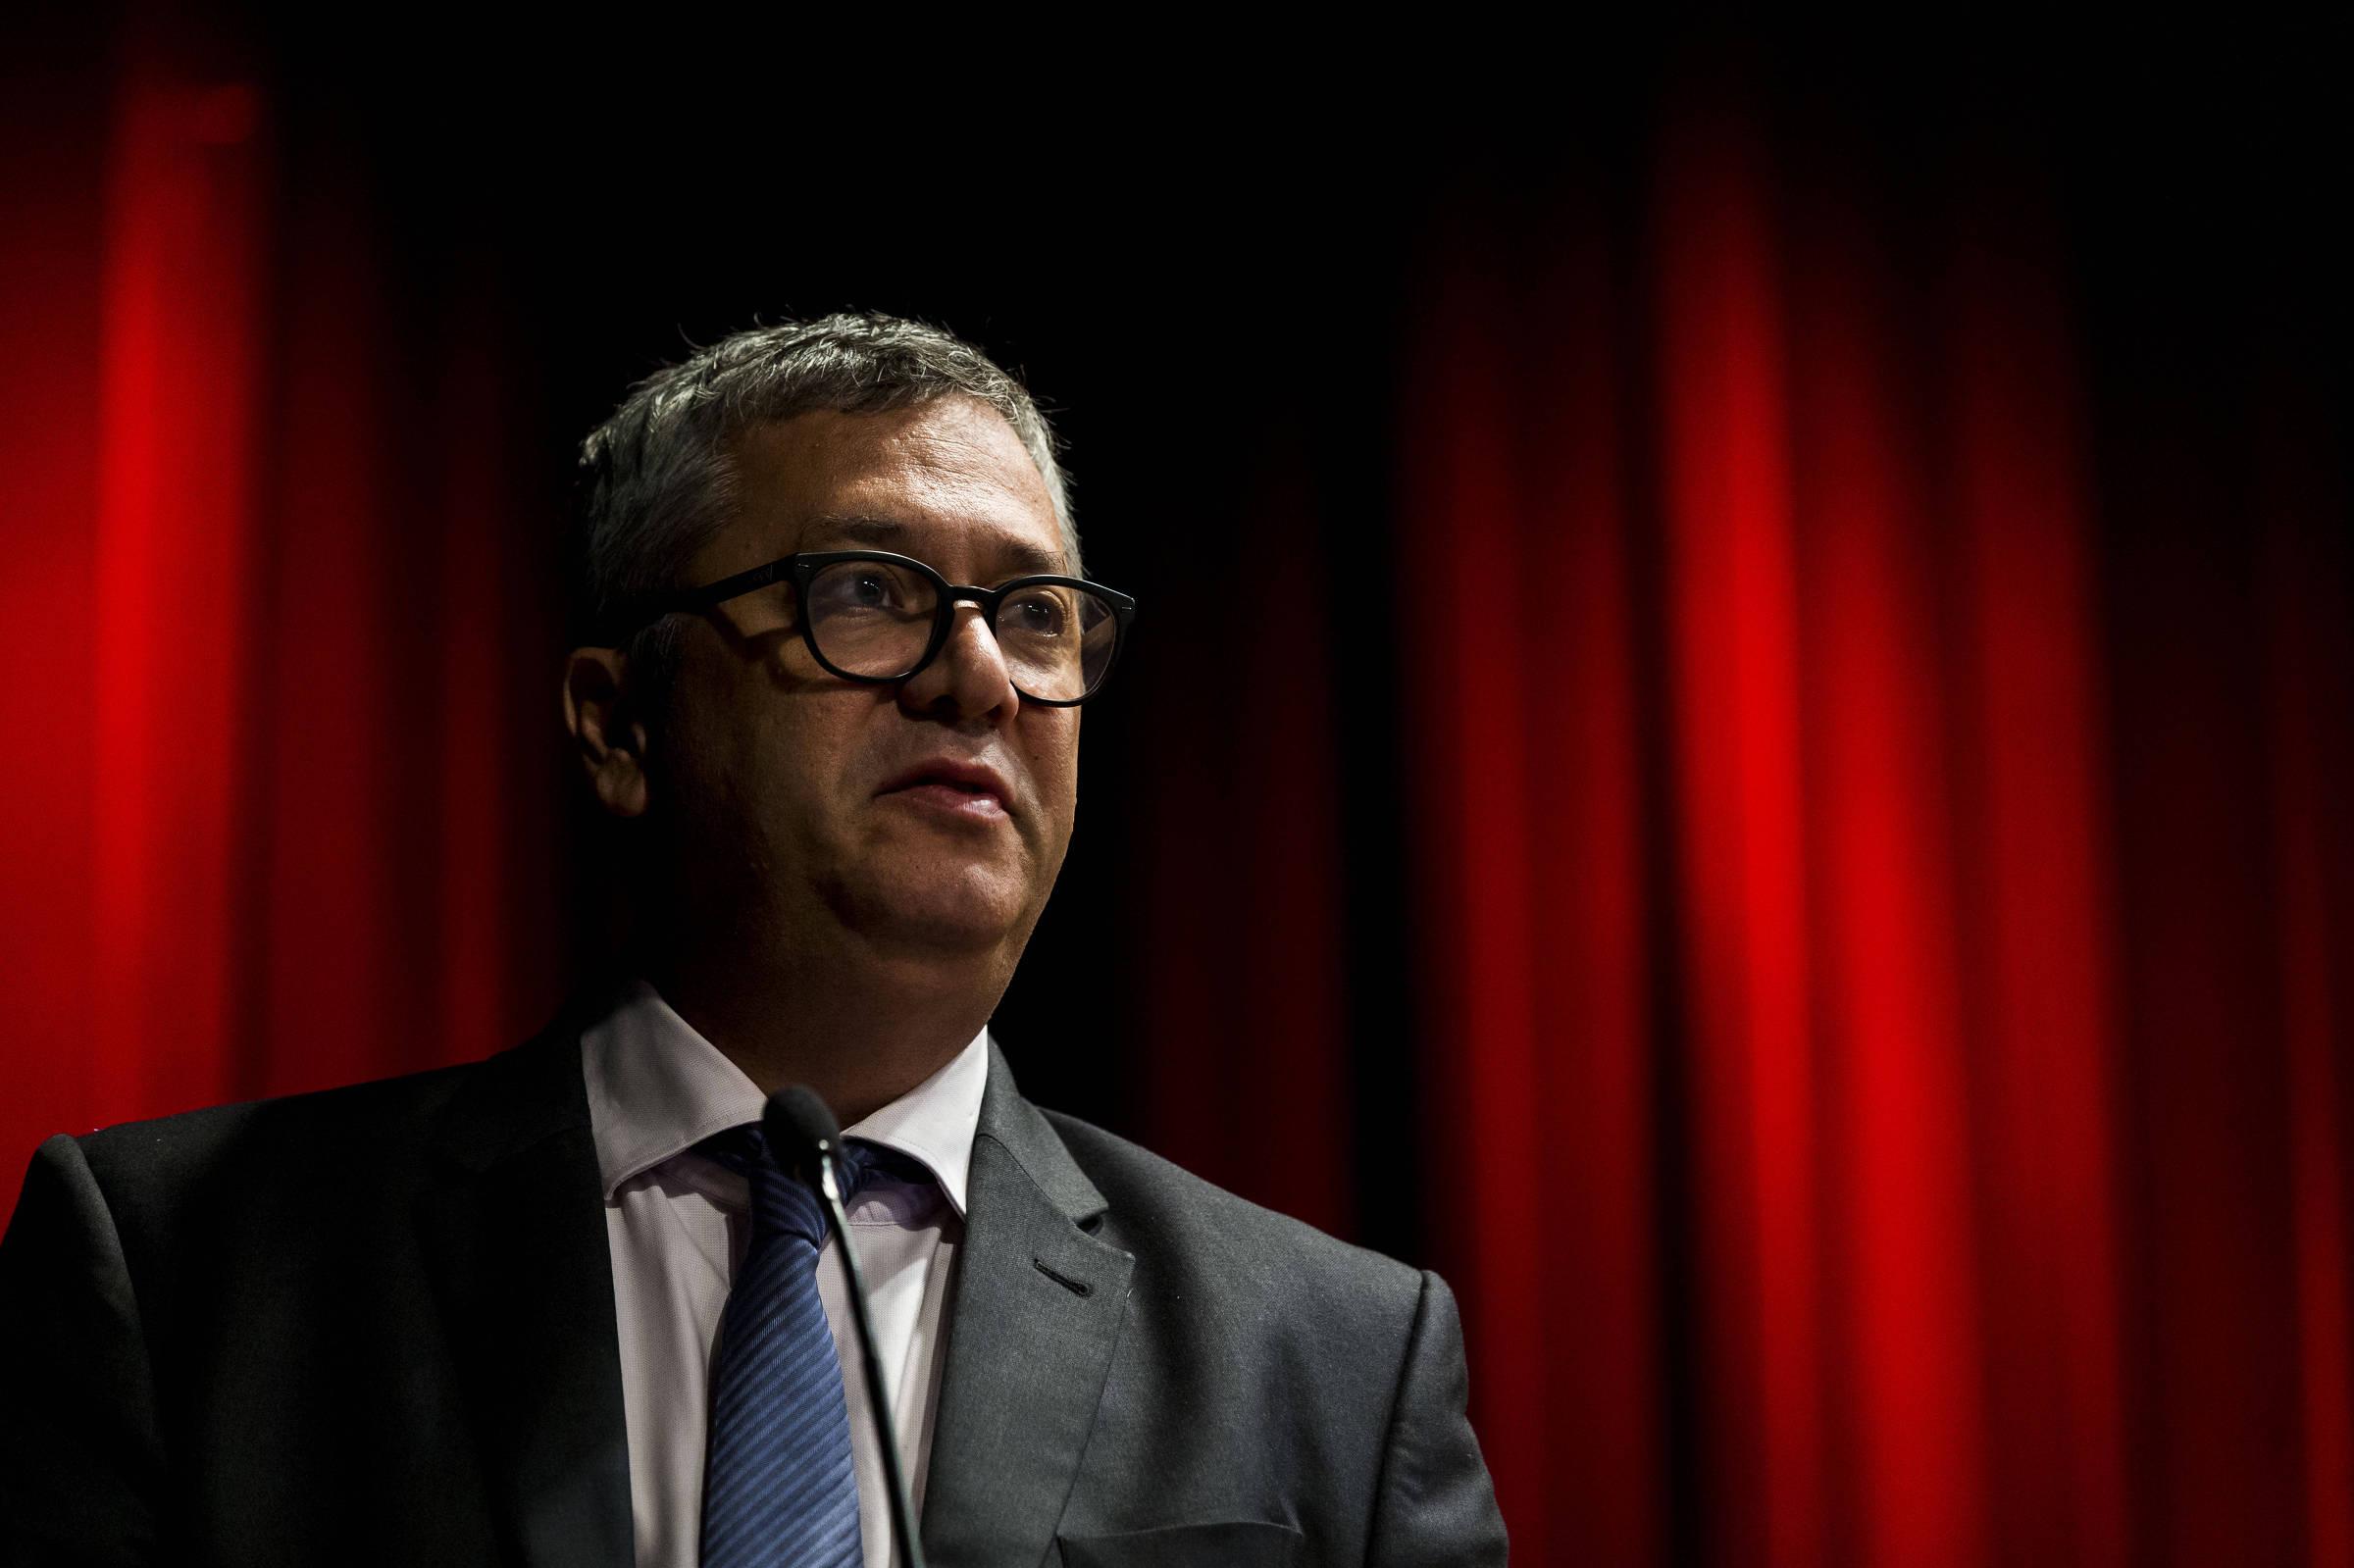 Fábio Medina Osório: O mercado do escândalo e as notícias falsas